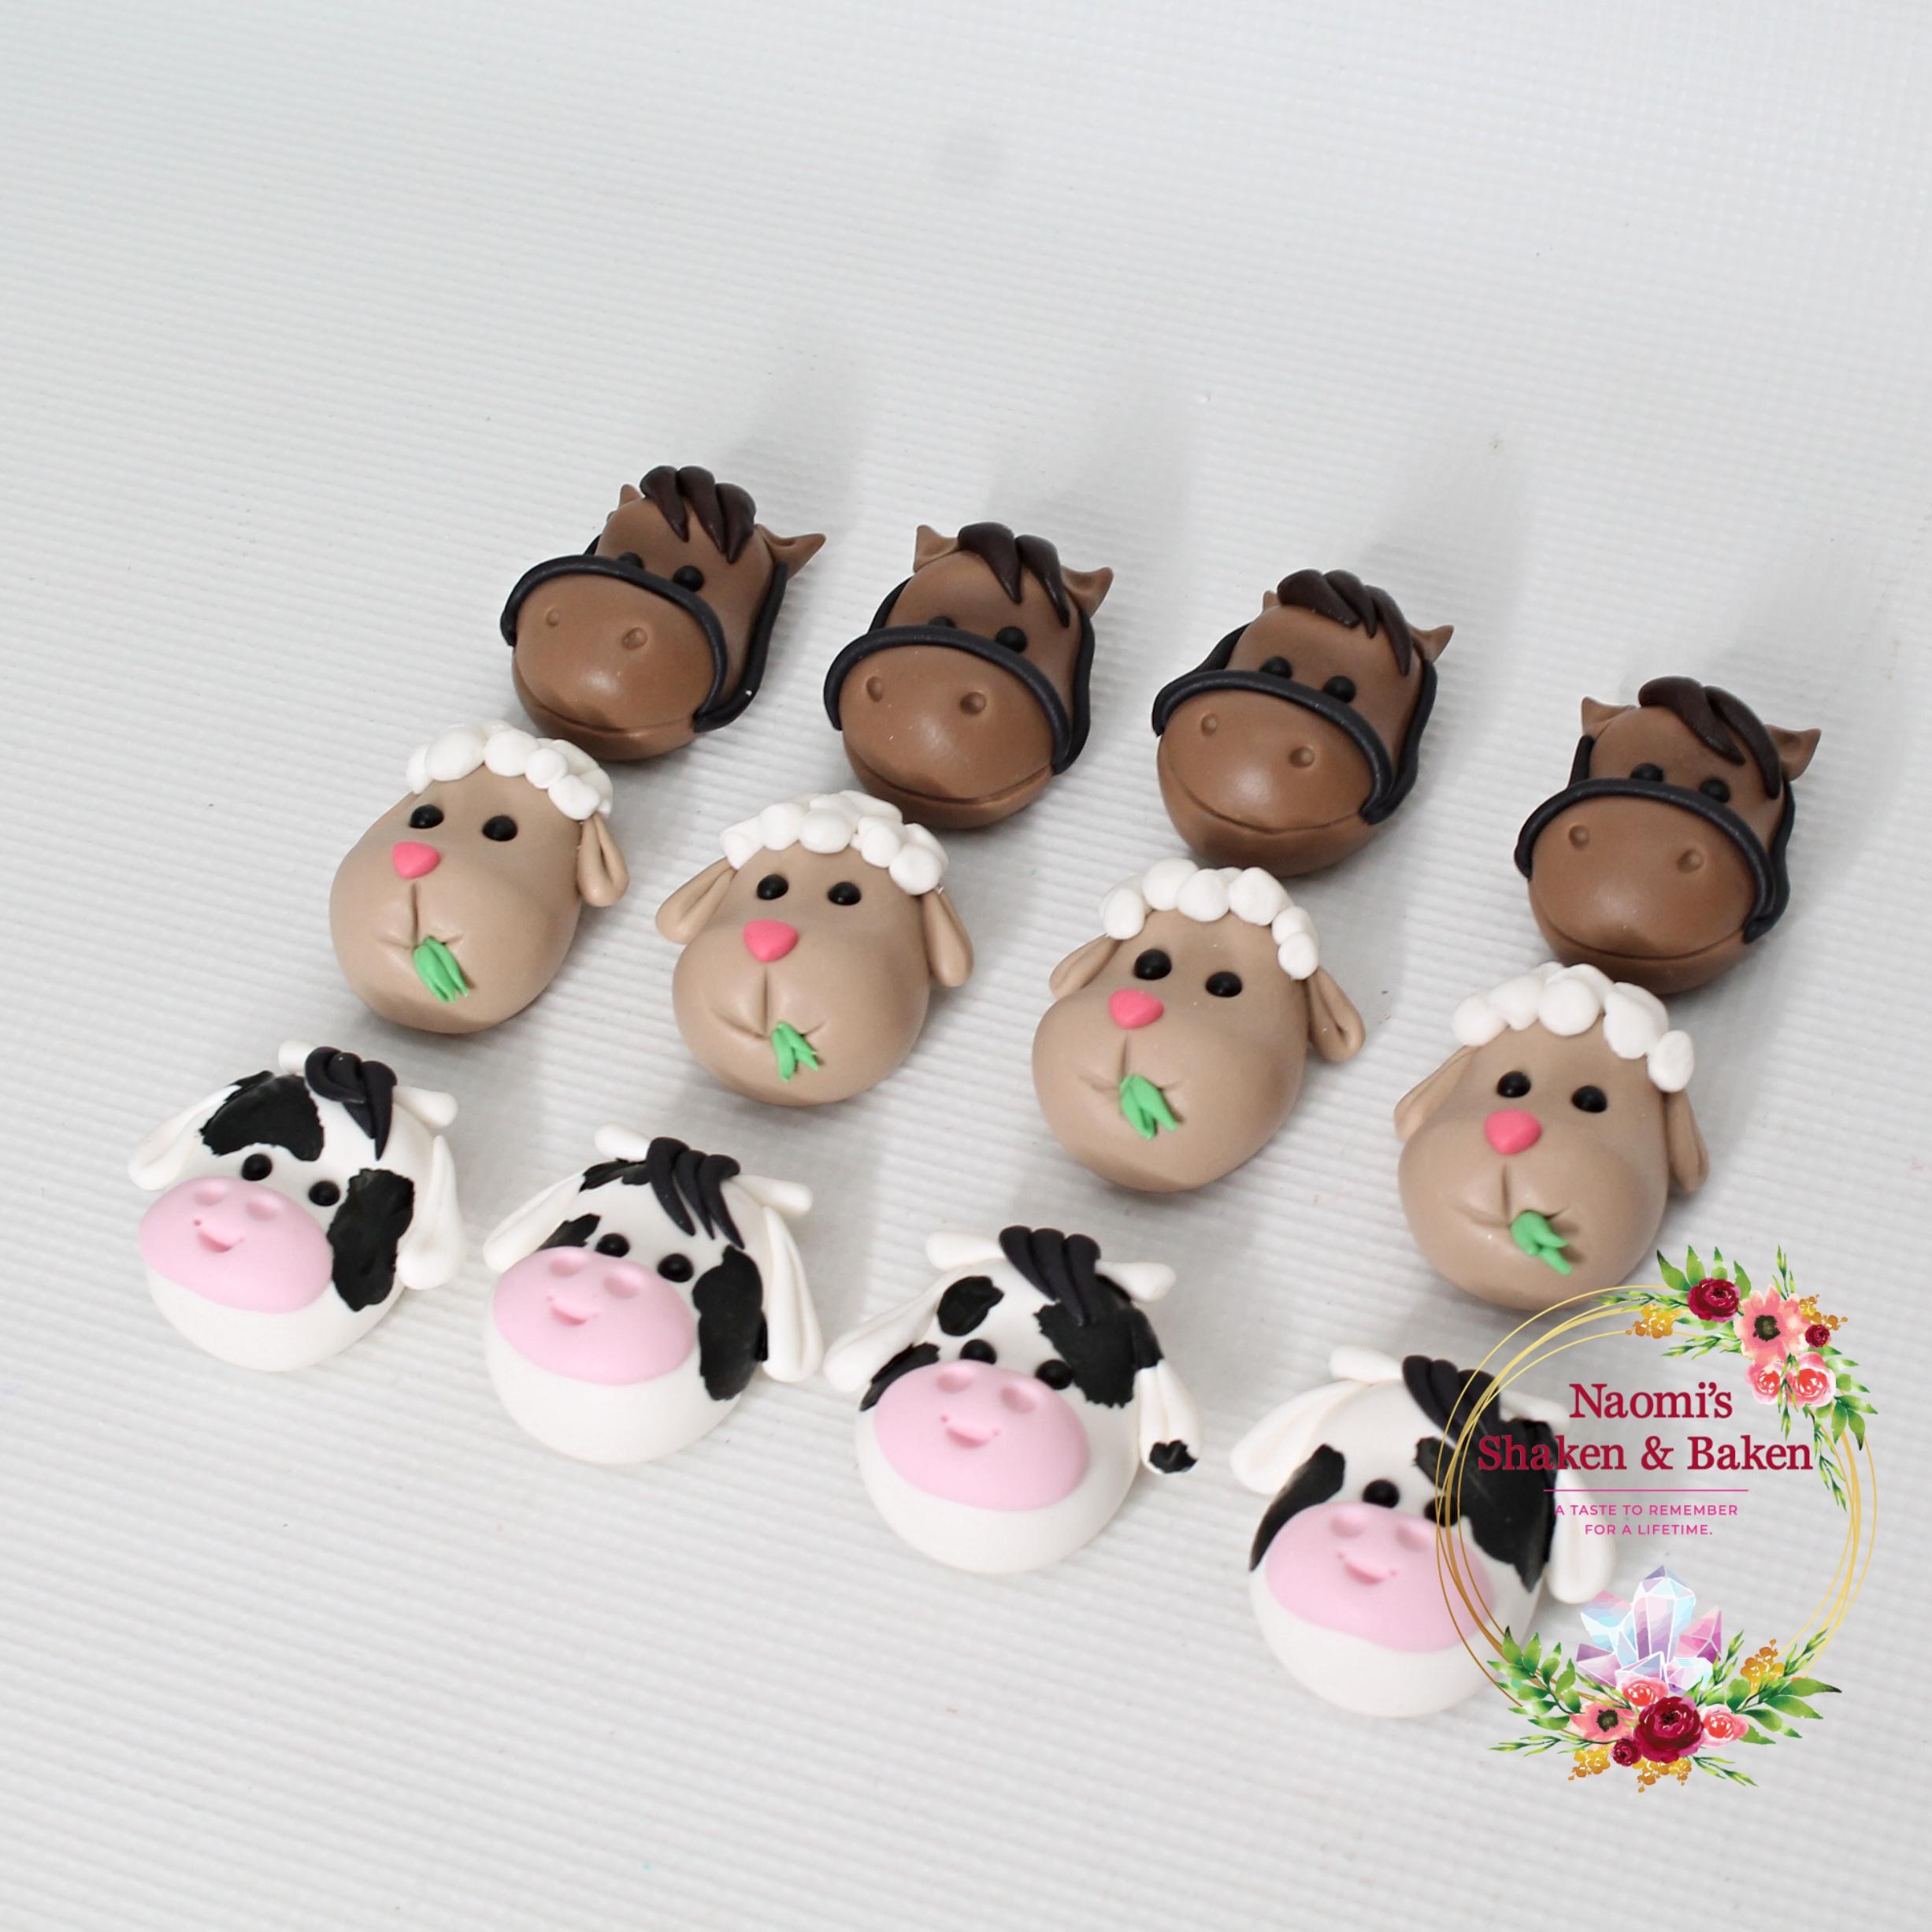 12x Edible Fondant Farm Animal Cupcake Toppers